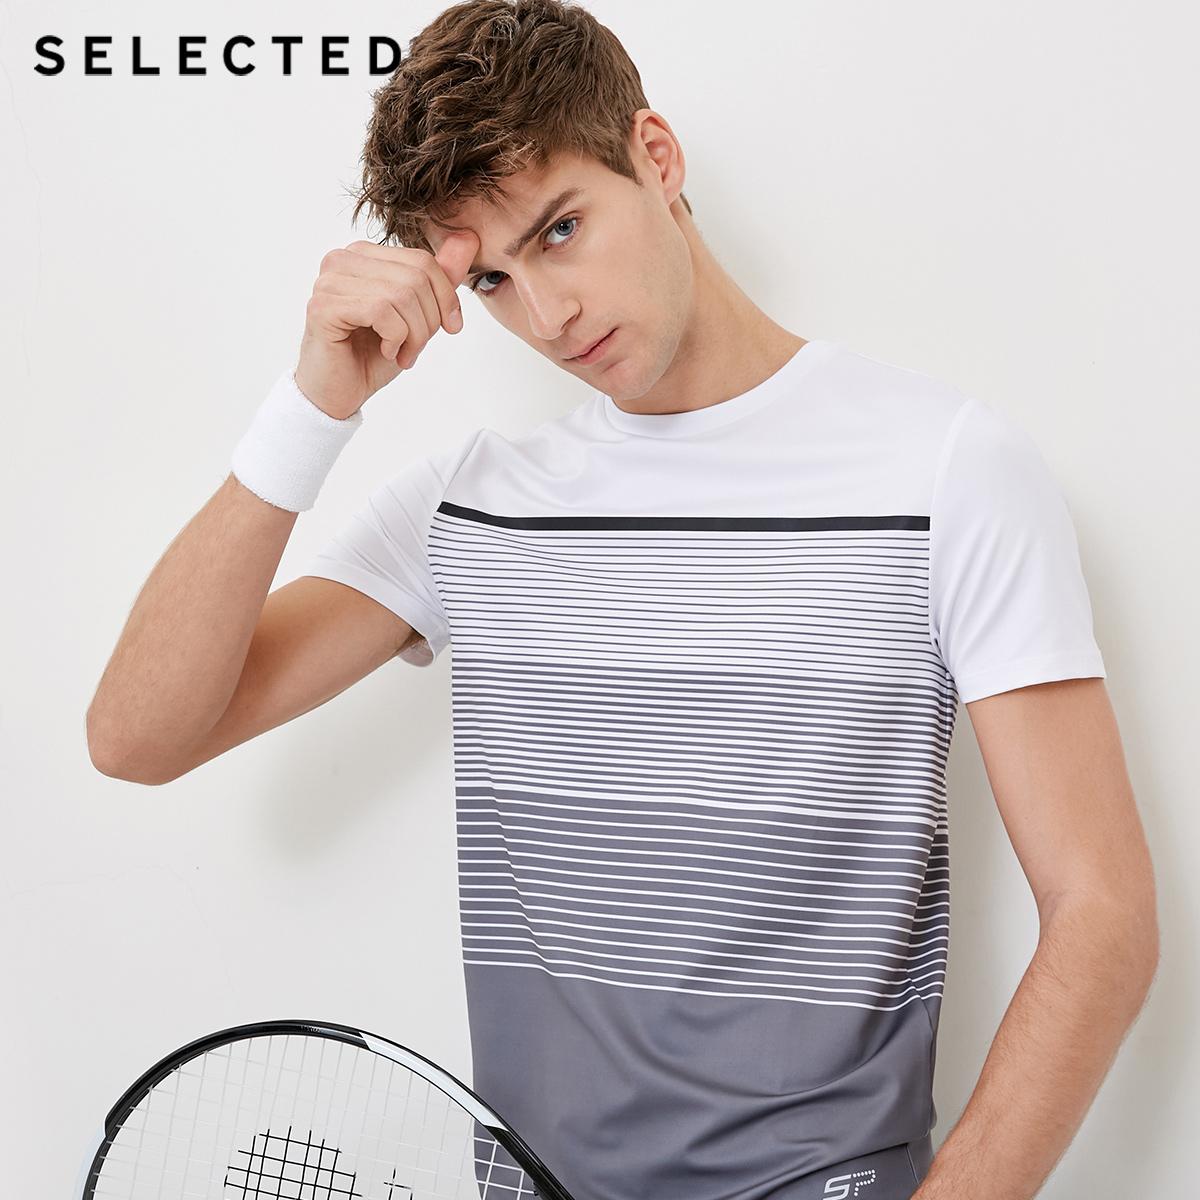 Собирать SELECTED мысль сорняки мораль мужской новый эластичность движение быстросохнущие антистатический вязание T футболки C|4181T4546